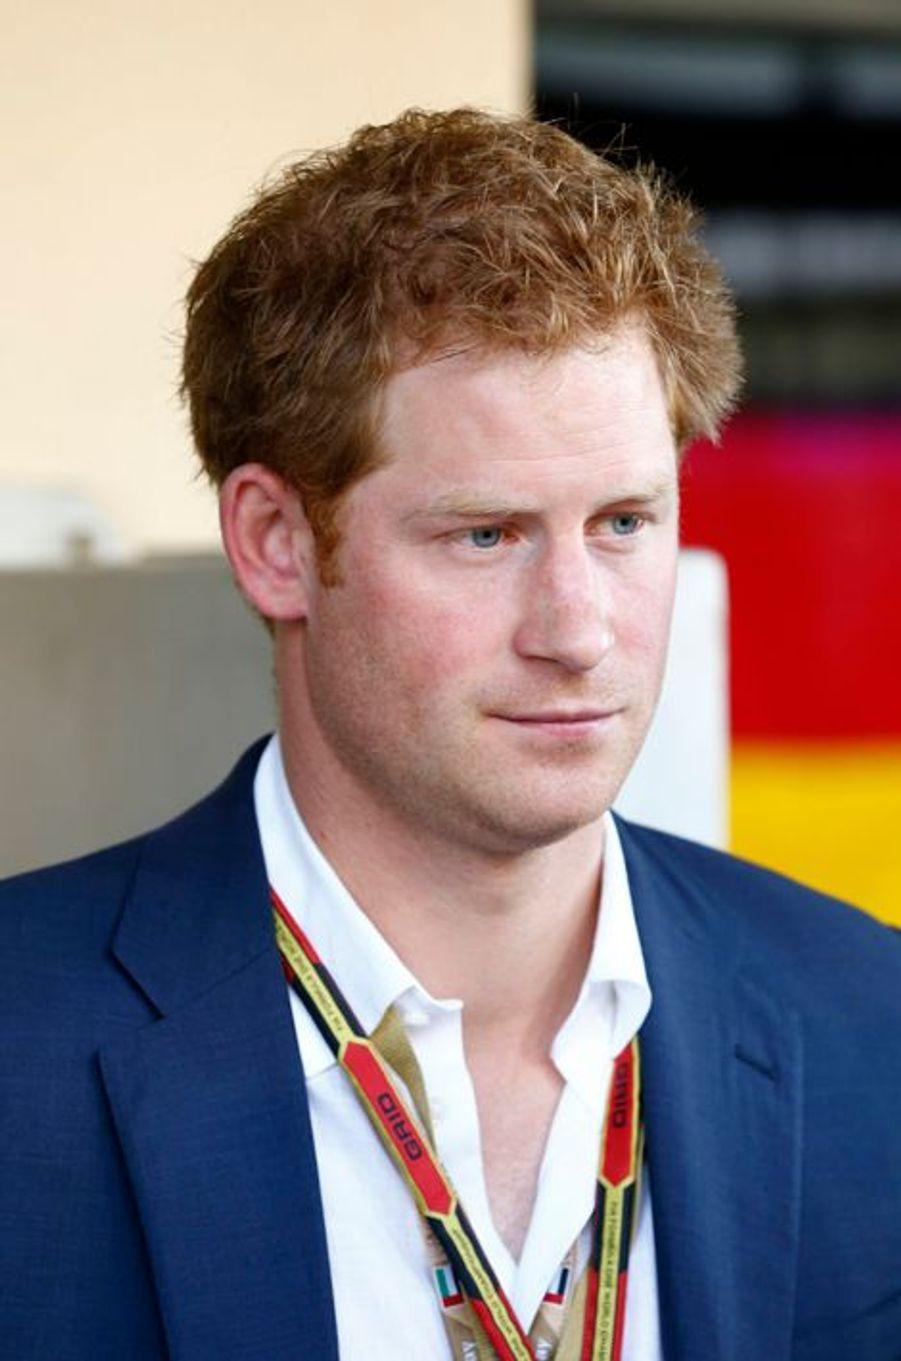 Le prince Harry au Grand Prix de Formule 1 à Abou Dhabi, le 23 novembre 2014